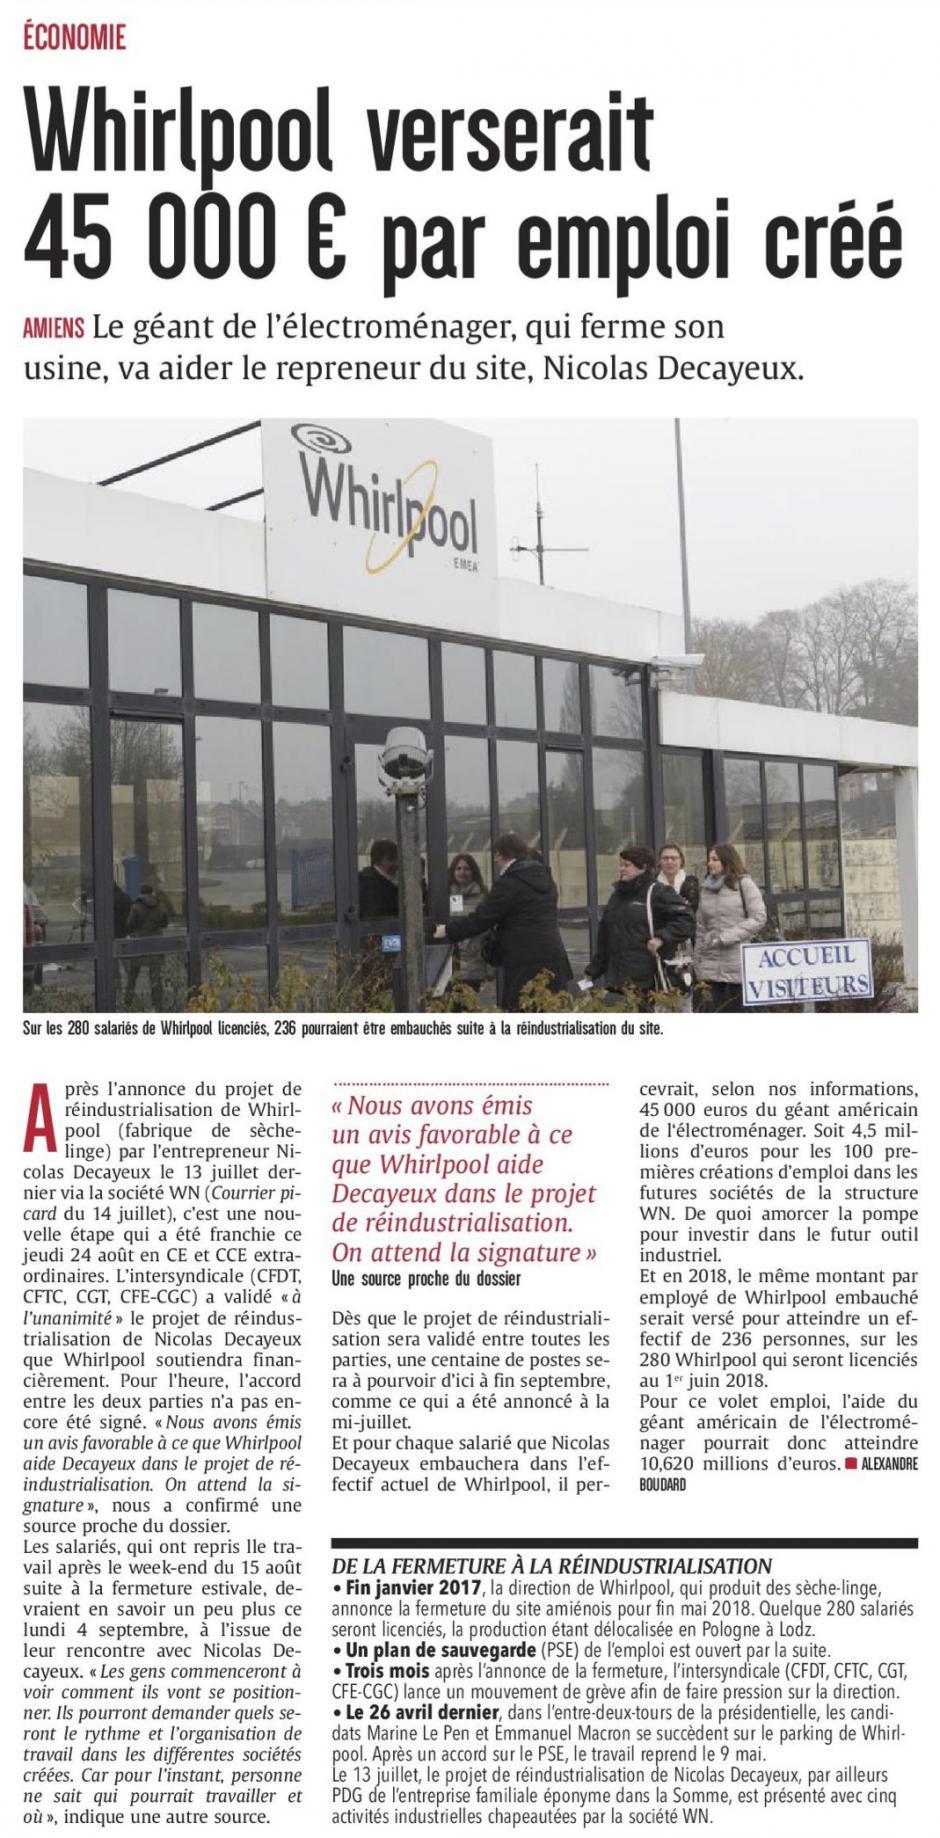 20170826-CP-Amiens-Whirlpool verserait 45 000 € par emploi créé